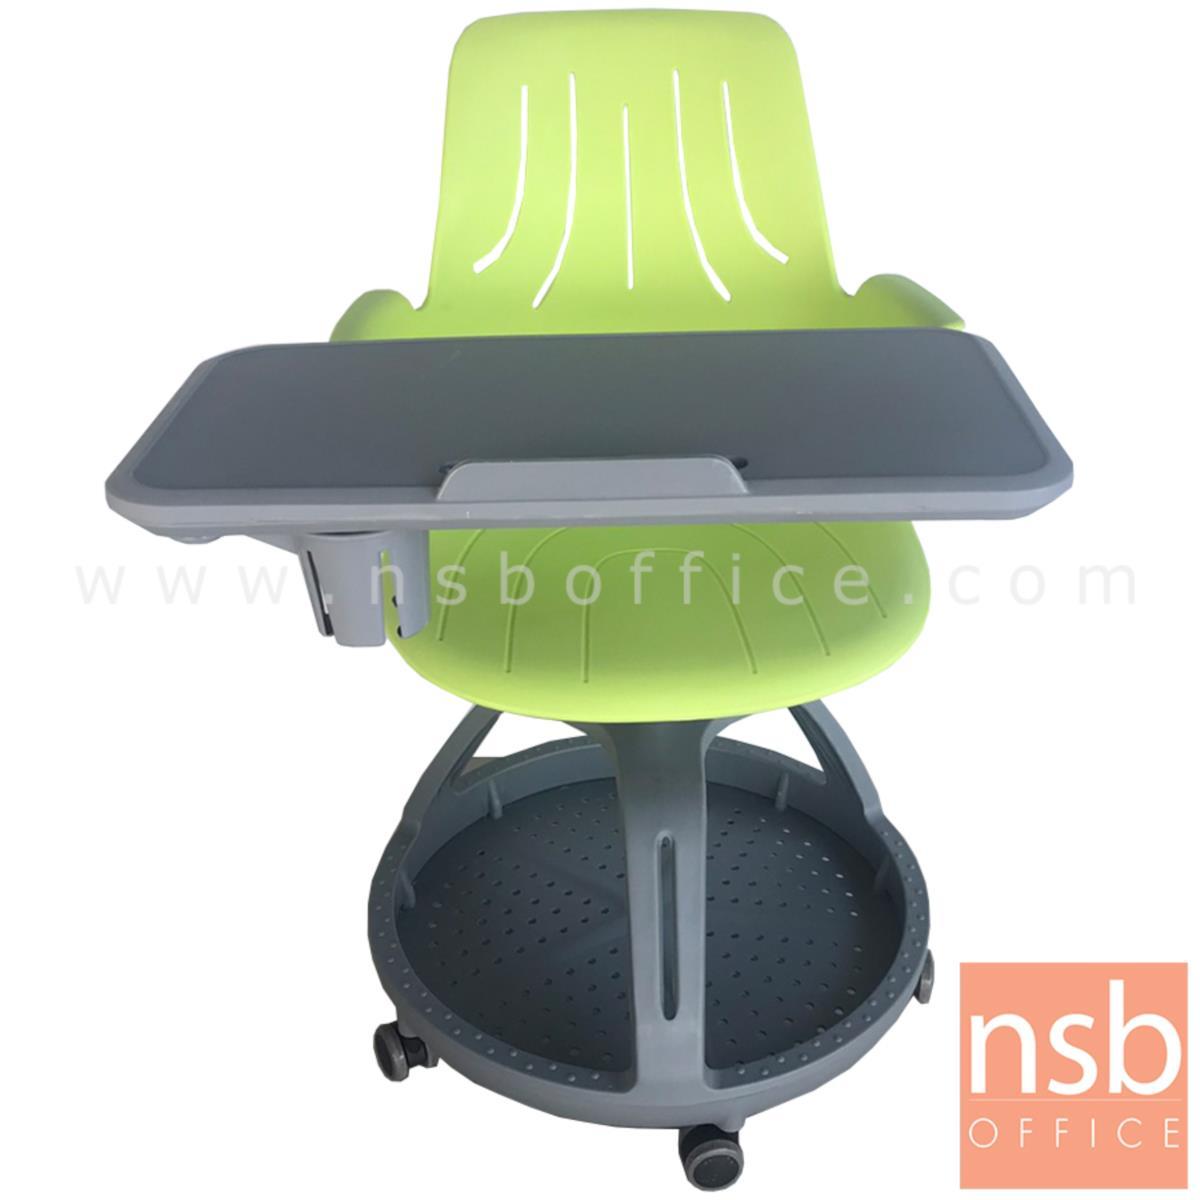 B30A042:เก้าอี้เลคเชอร์เฟรมโพลี่ล้อเลื่อน รุ่น Dion (ดิออน)  ฐานกลมวางกระเป๋าได้